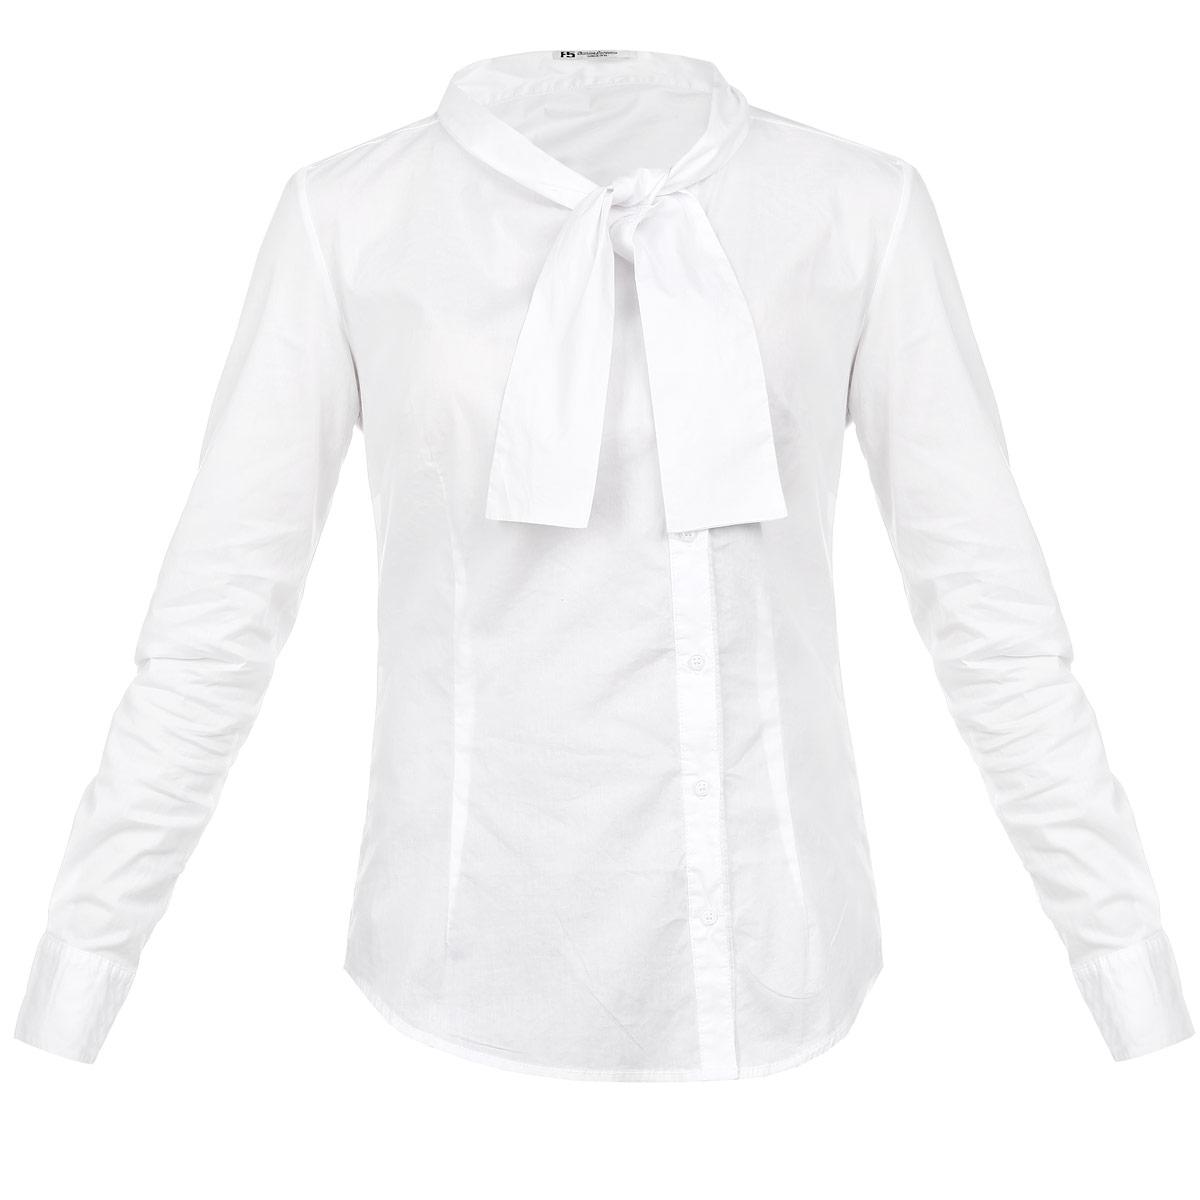 Рубашка женская. 17280/DN17280/DNСтильная женская рубашка F5, выполненная из высококачественного хлопкового материала, - находка для современной женщины, желающей выглядеть стильно и модно. Модель прямого кроя с длинными рукавами и полукруглым низом застегивается на пуговицы. Круглый вырез горловины оформлен оригинальными завязками. Такая модель, несомненно, вам понравится и послужит отличным дополнением к вашему гардеробу.